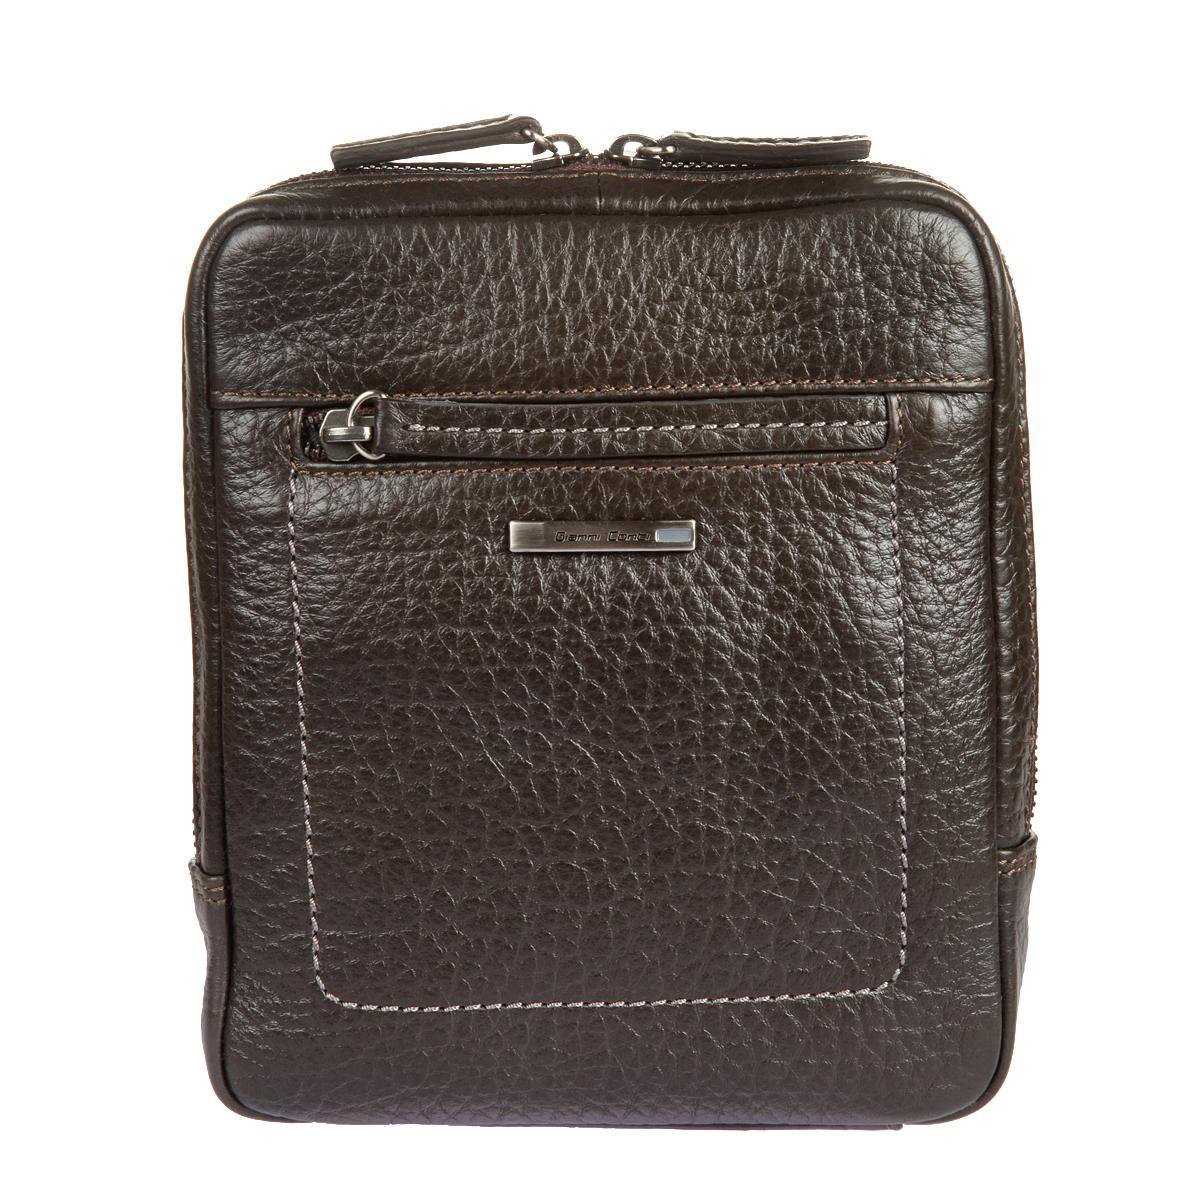 Сумка-планшет мужская Gianni Conti, цвет: темно-коричневый. 15423851542385 dark brownСтильная сумка-планшет Gianni Conti выполнена из высококачественной натуральной кожи с фактурным тиснением. Лицевая сторона украшена металлической пластиной с гравировкой бренда производителя. Планшет имеет одно основное отделение, которое закрывается на застежку-молнию. Внутри имеется накладной карман и прорезной карман на застежке-молнии. На внешней стороне - плоской карман и карман на застежке-молнии. Сумка оснащена регулируемым плечевым ремнем. К планшету прилагается чехол для хранения. Функциональность, вместительность, качество исполнения и непревзойденный стиль сумки- планшета Gianni Conti, несомненно, понравится любому мужчине.